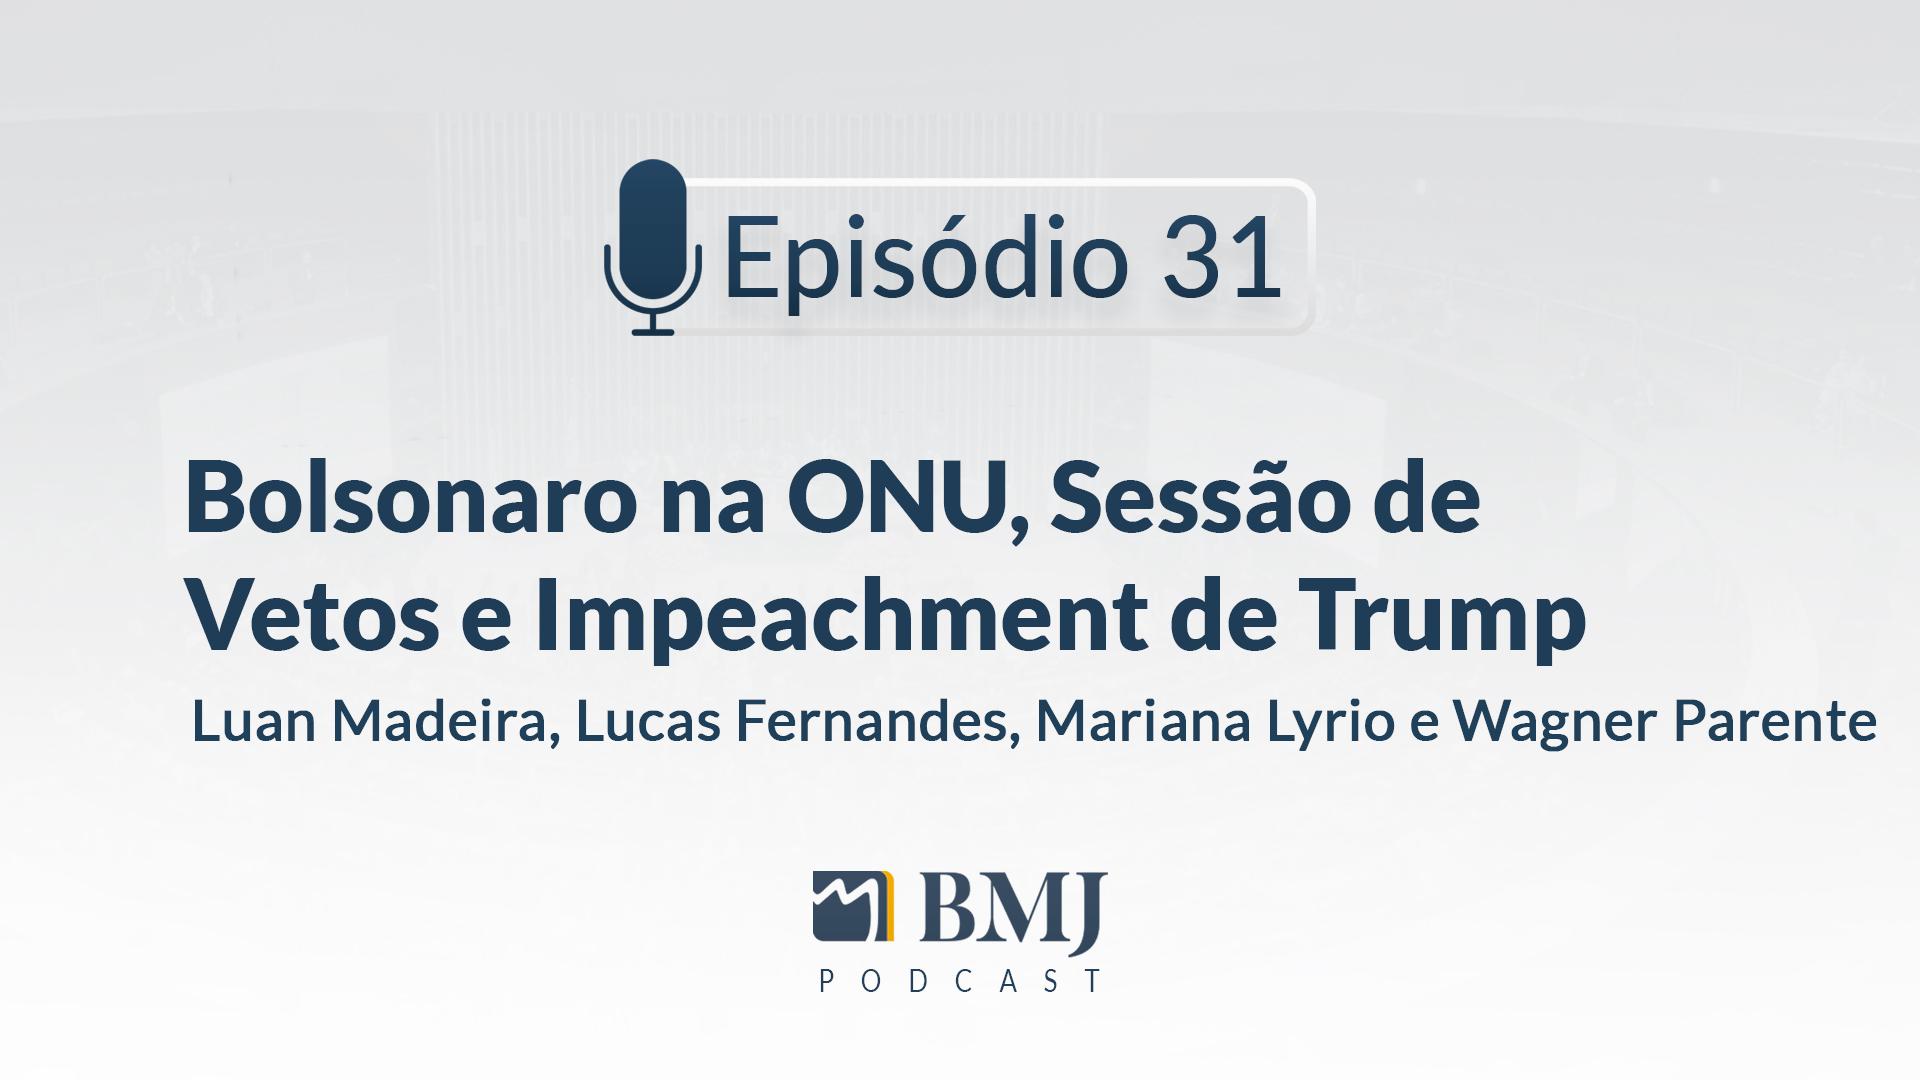 Bolsonaro na ONU, Sessão de Vetos e Impeachment de Trump